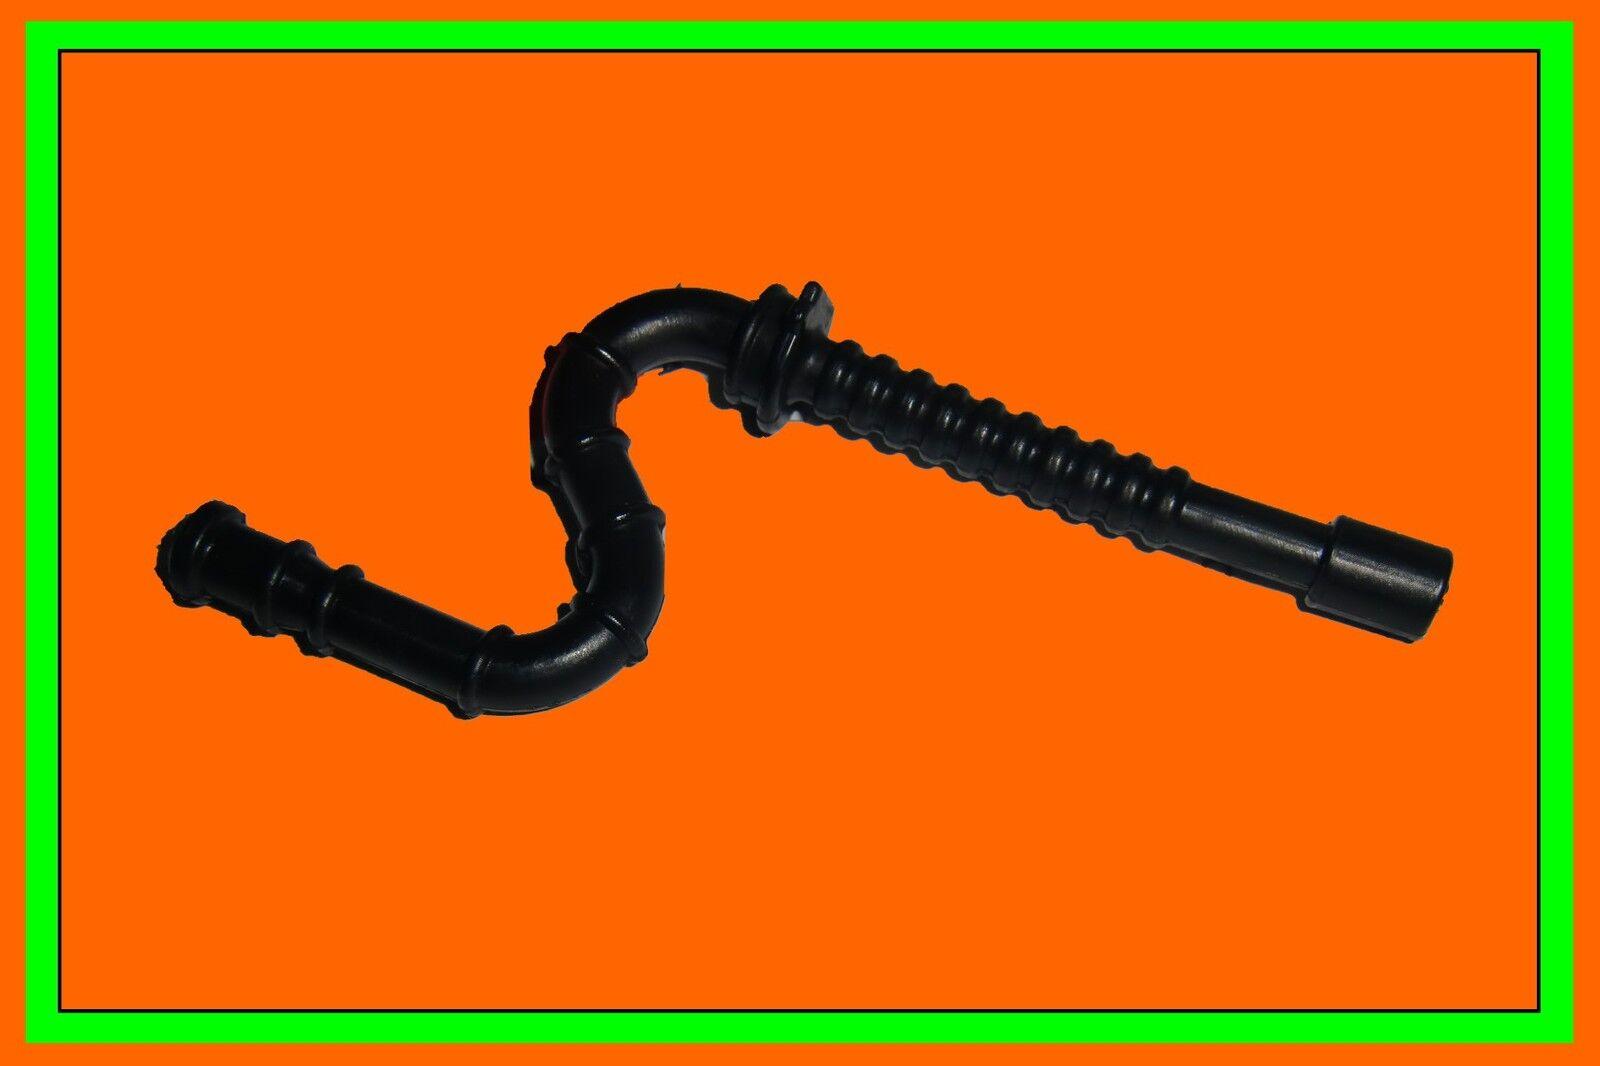 5x Benzinschlauch für Stihl 024 026 029 036 MS 240 MS260 MS290 MS310 MS360 TS400